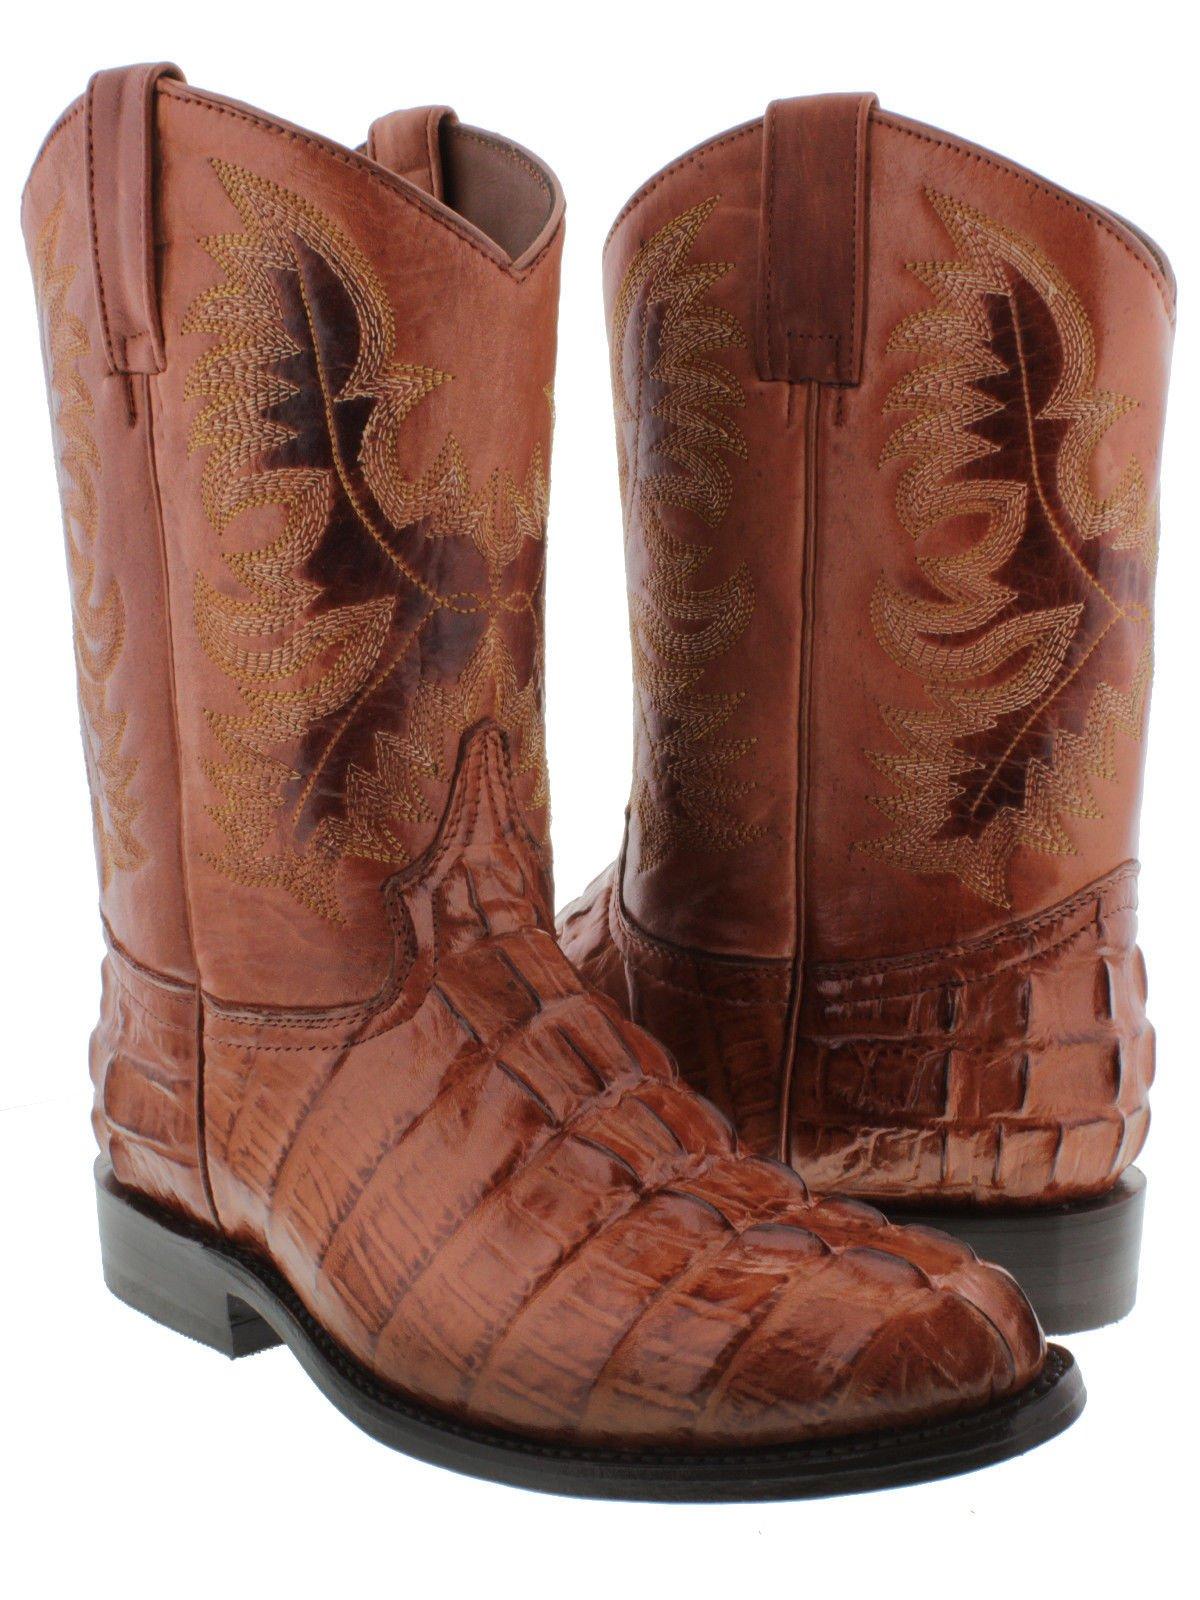 El Presidente Men's Cognac Crocodile Tail Design Leather Cowboy Boots Roper 13.5 EE